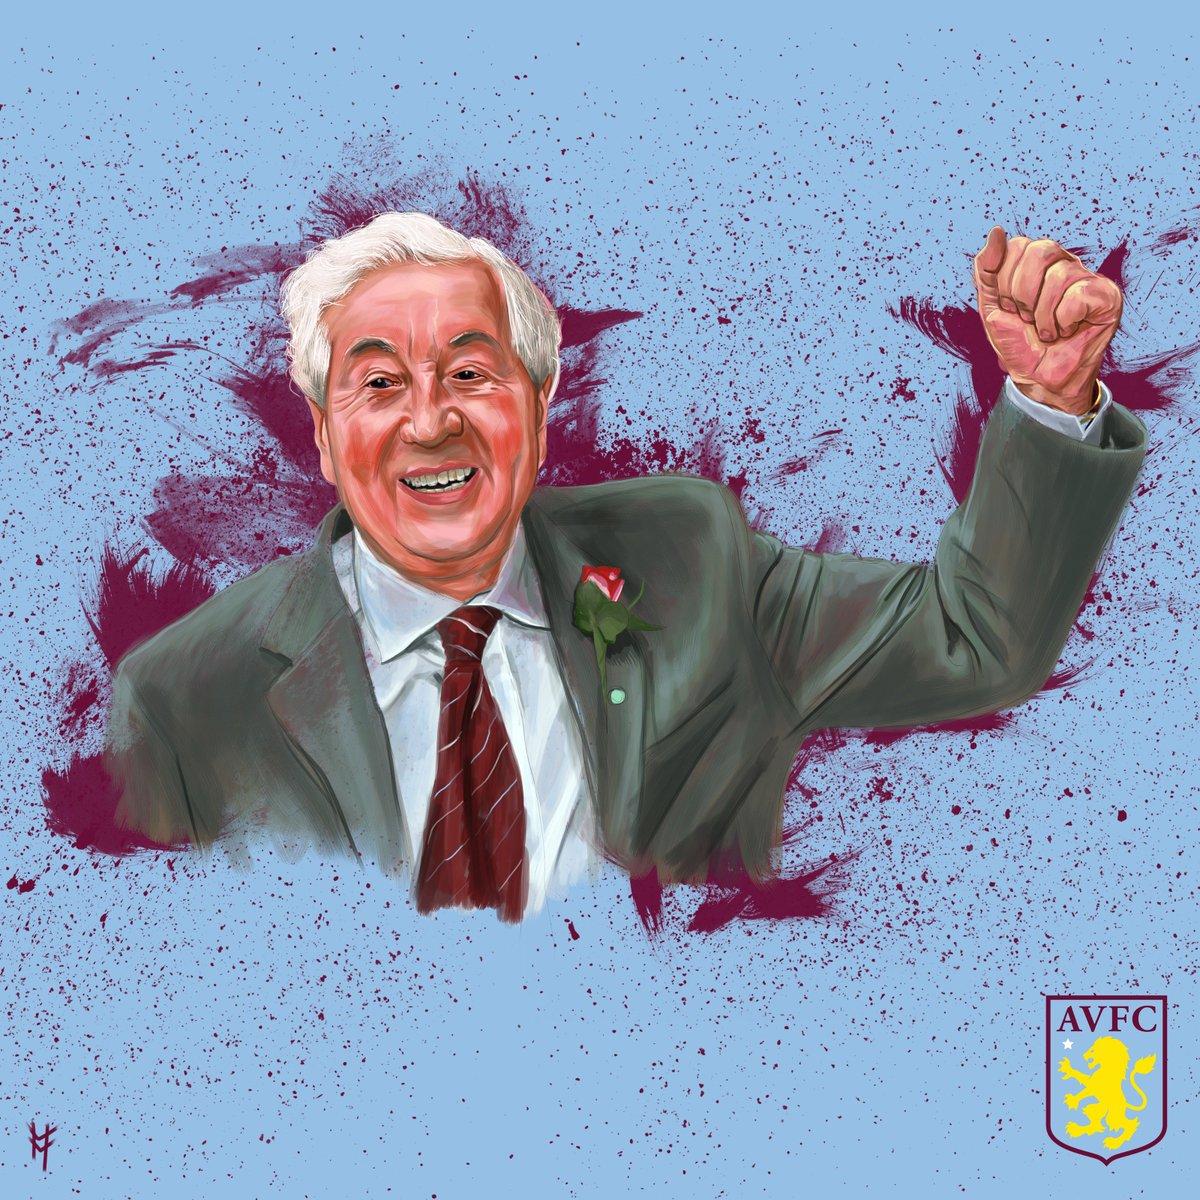 Aston Villa FC's photo on sir doug ellis